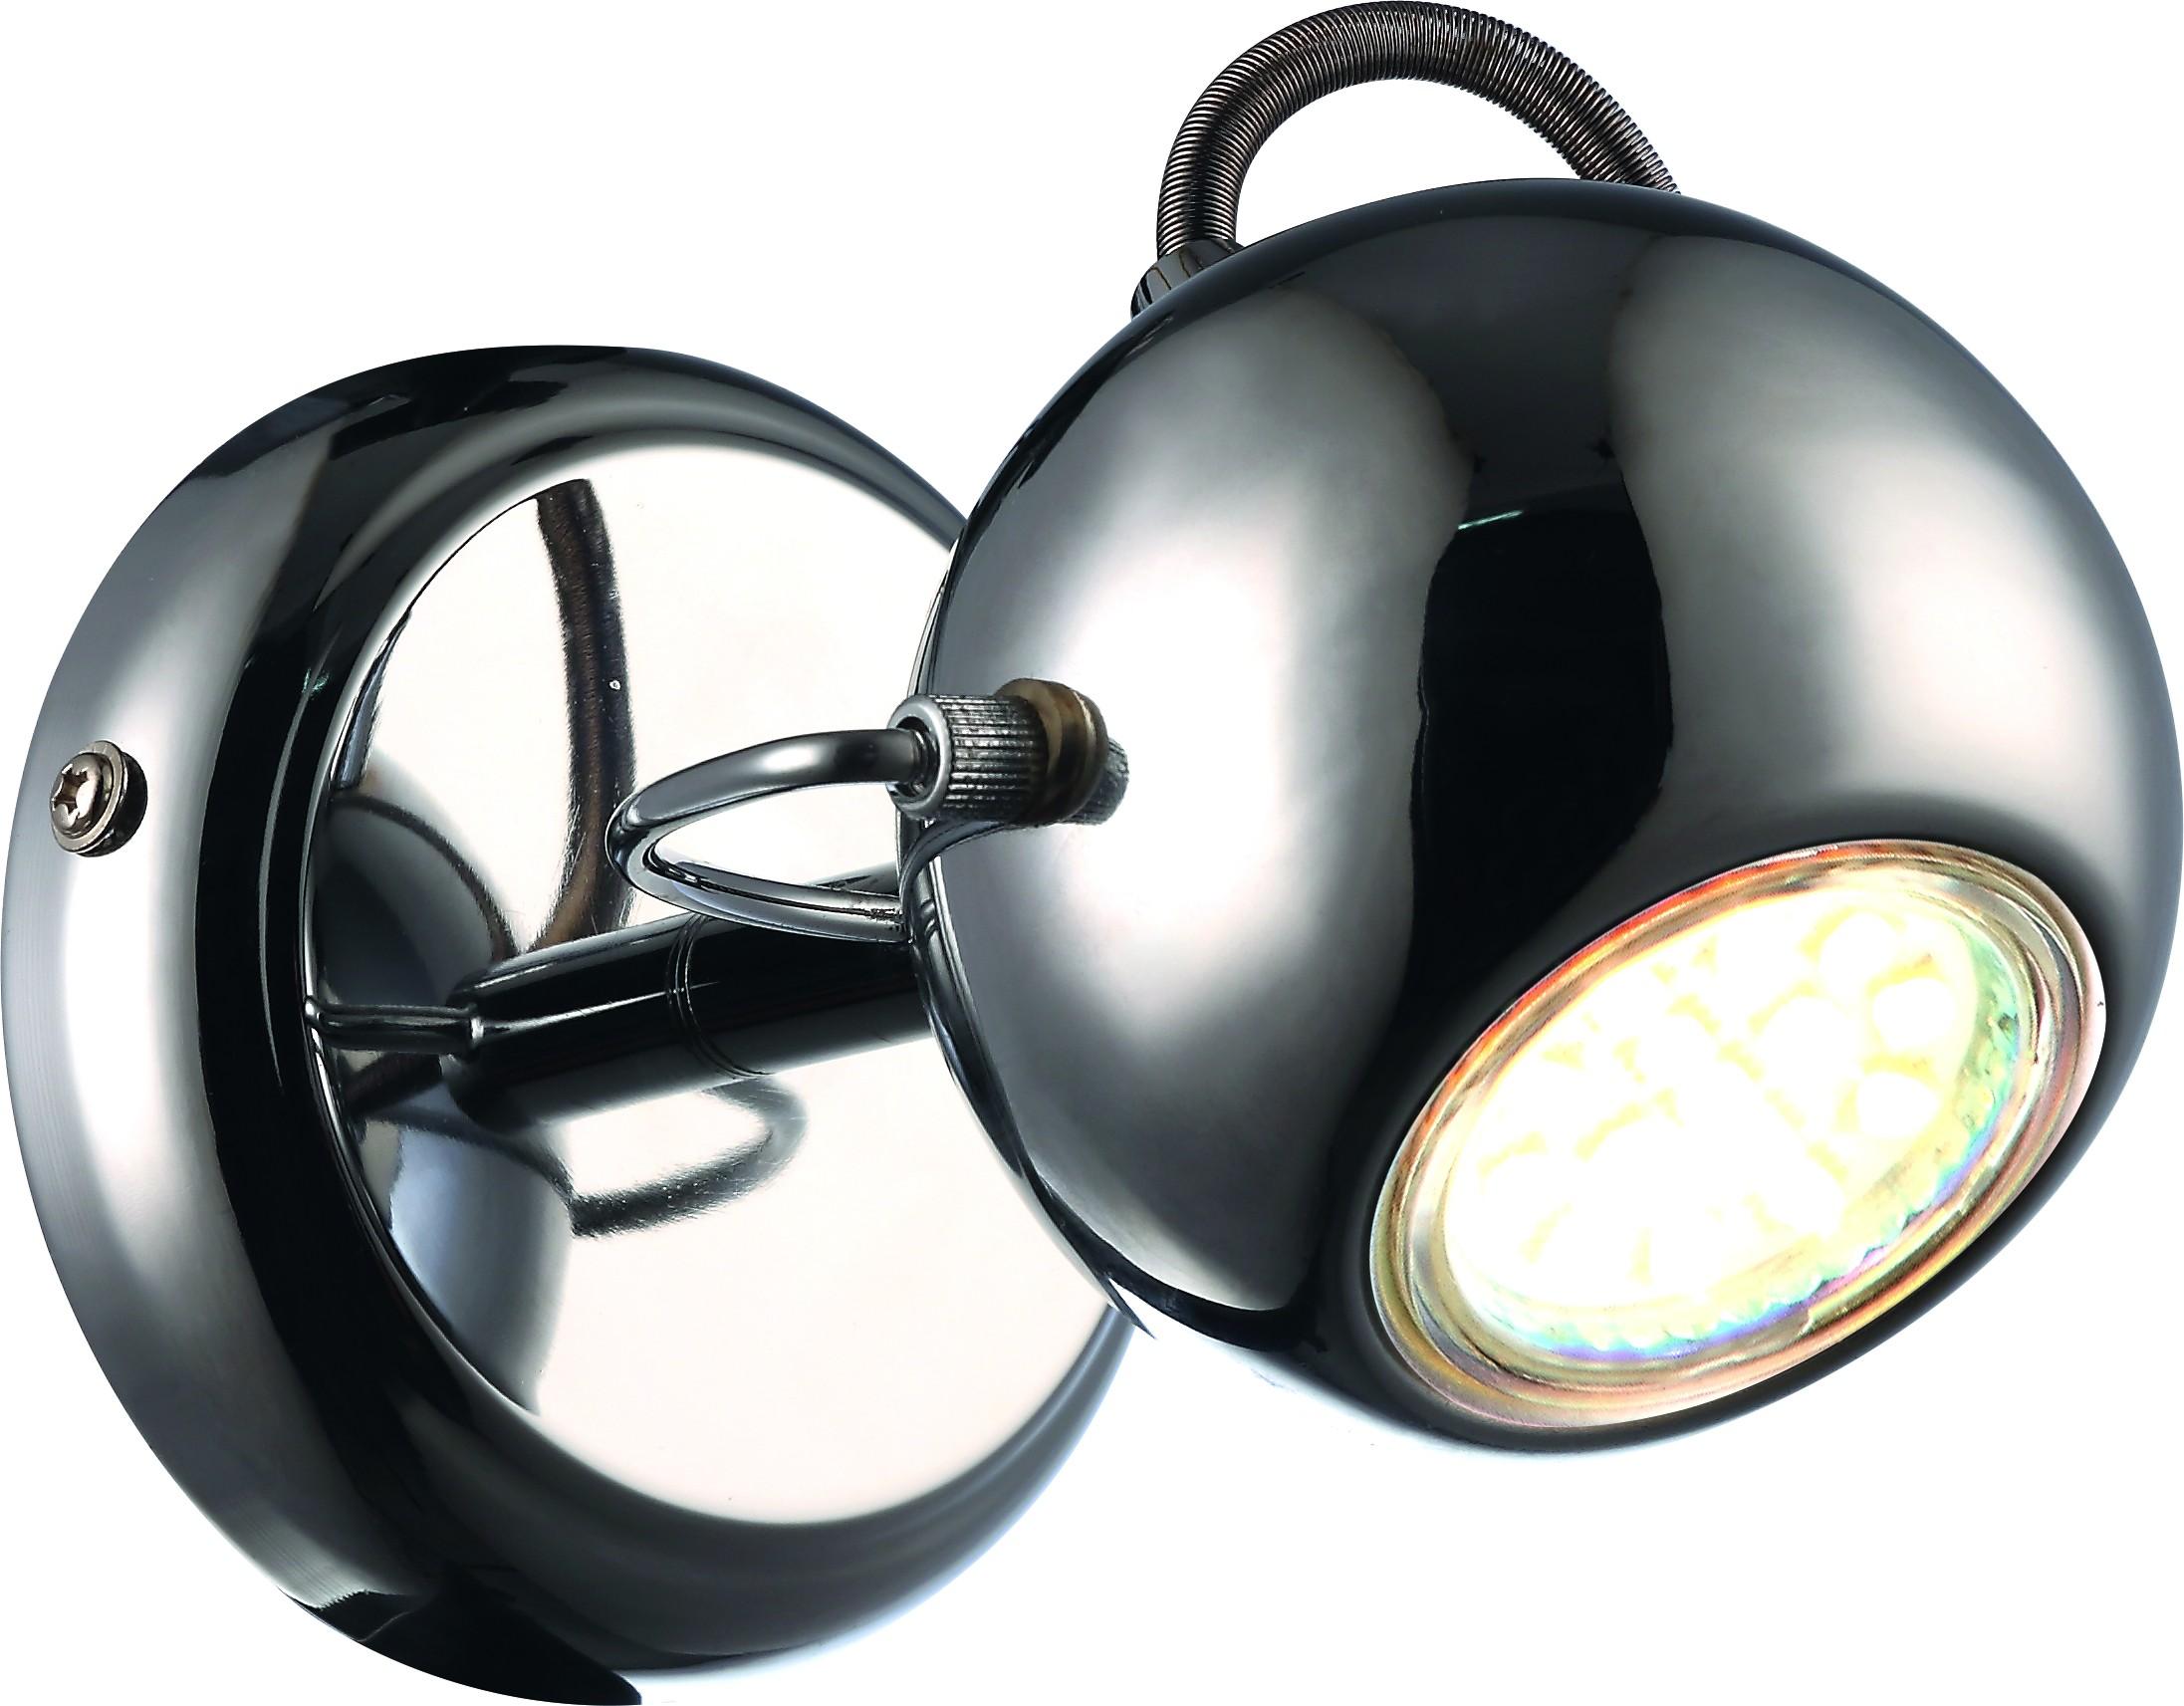 Спот Arte lamp A9128ap-1cc